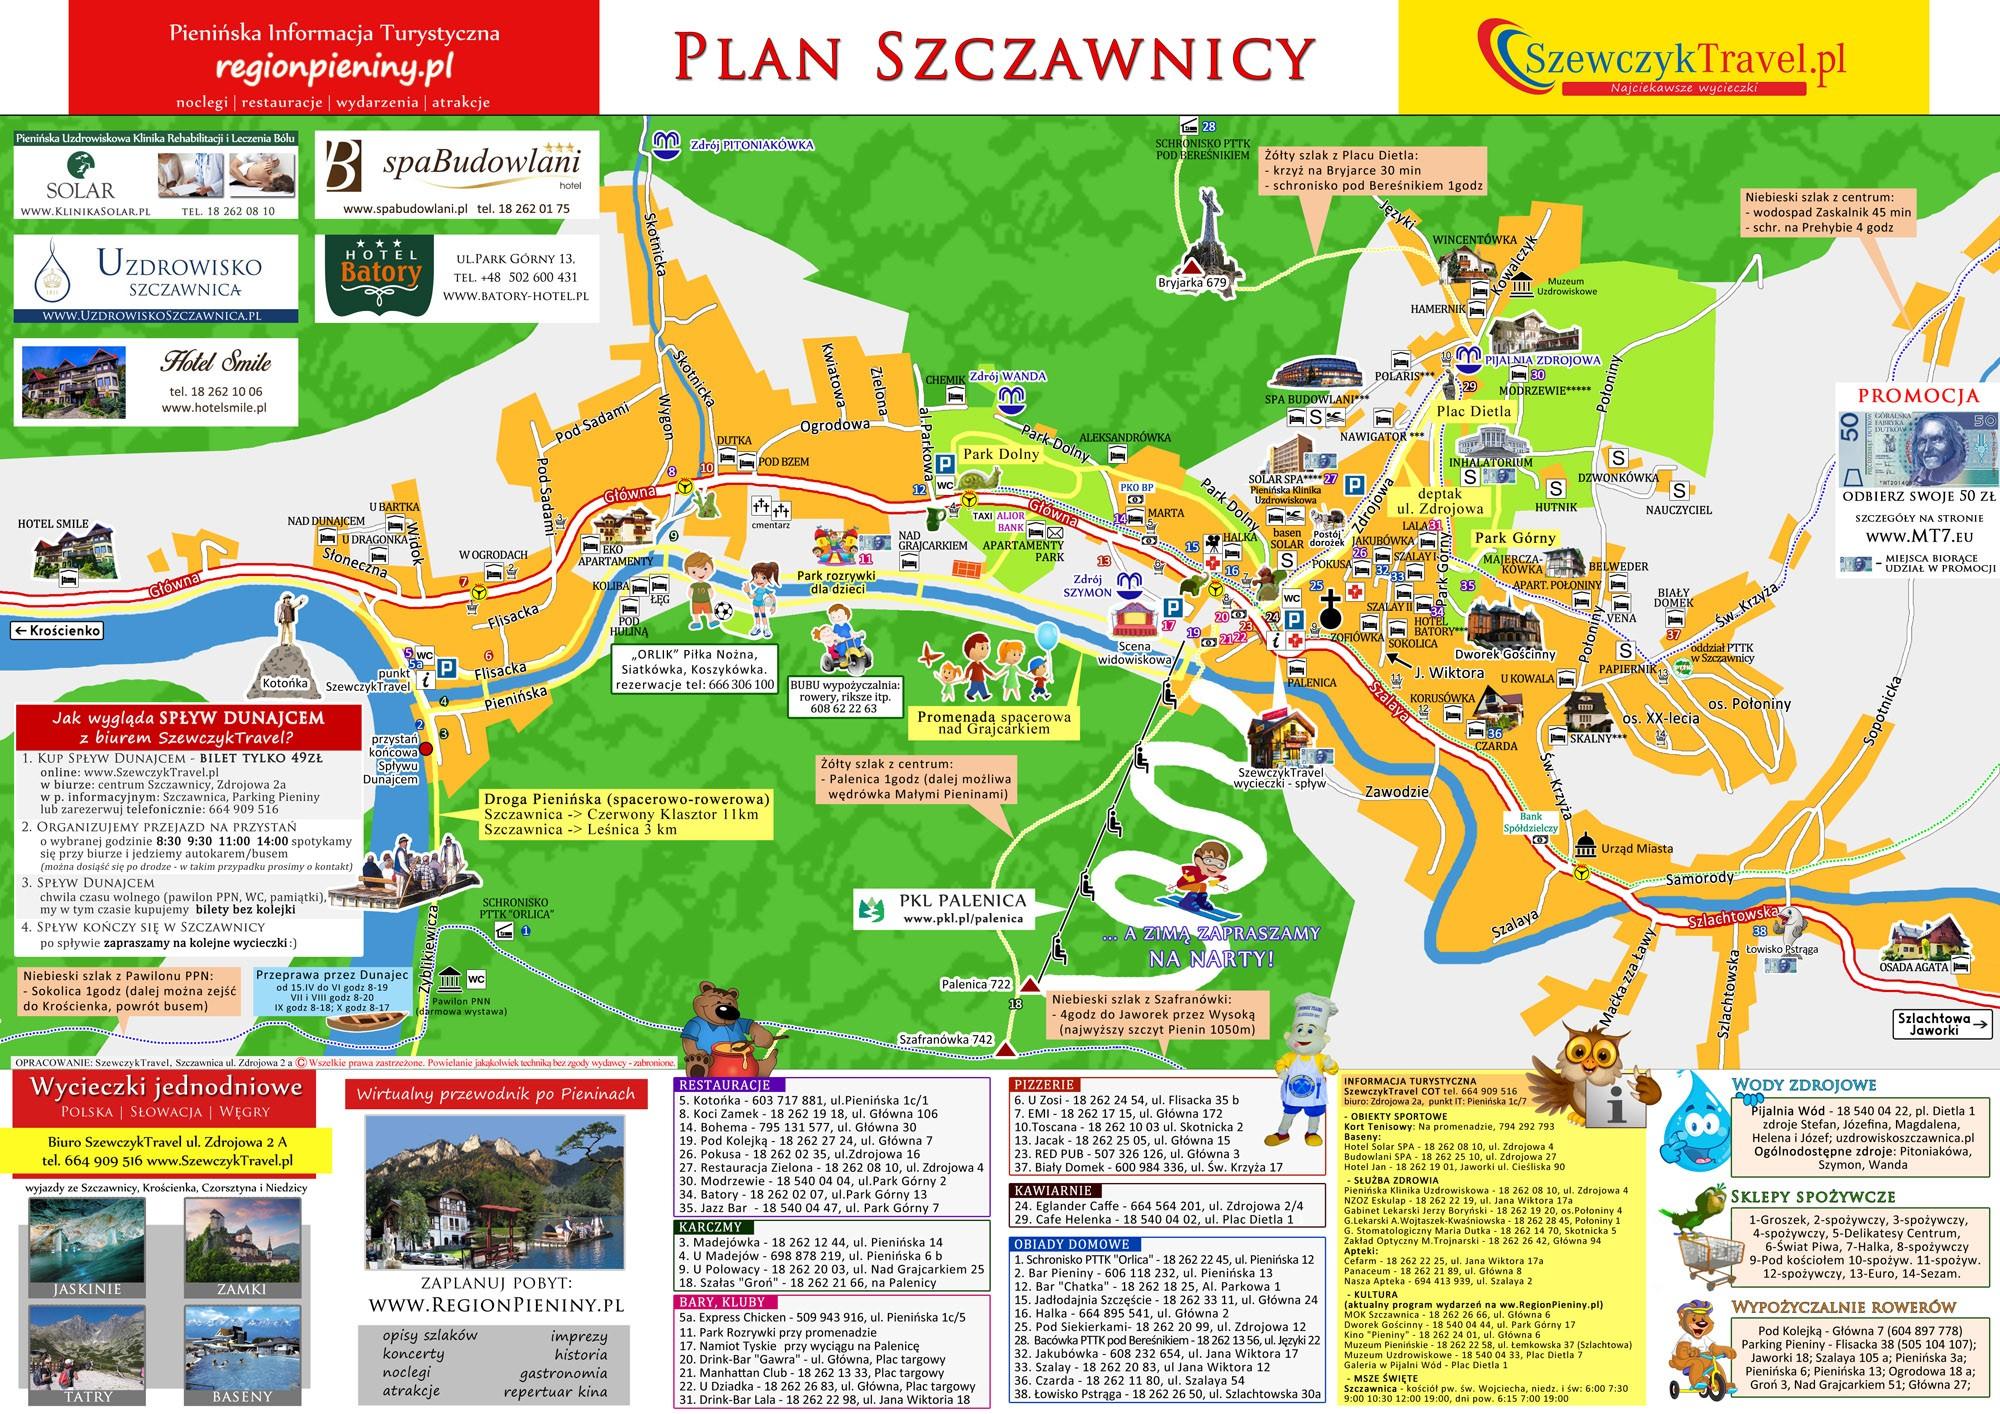 Plan Szczawnicy Szewczyktravel Splyw Dunajcem Wycieczki